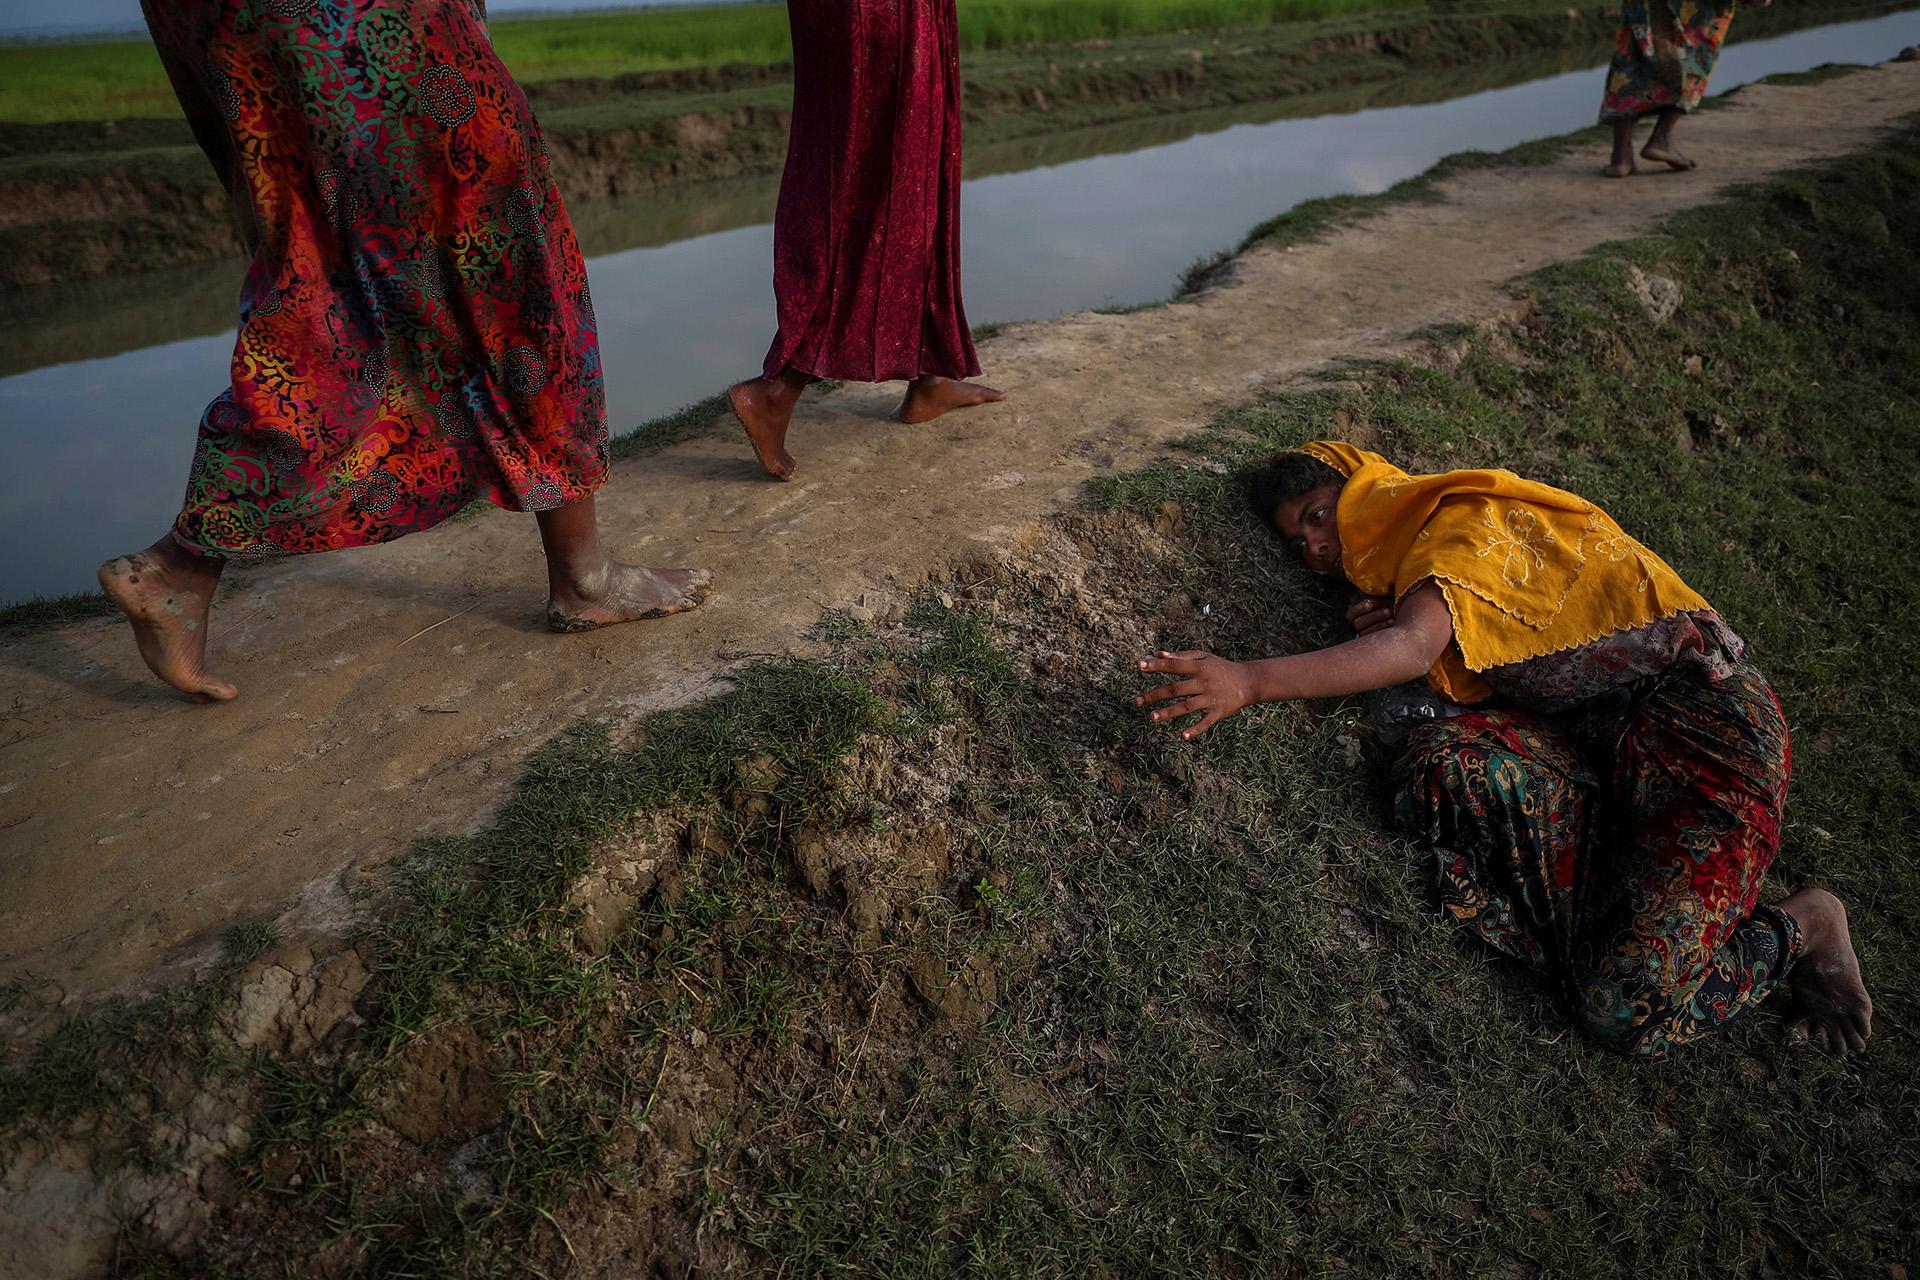 Un agotado refugiado rohingya que huye de la violencia en Myanmar pide ayuda a otros que cruzan hacia Palang Khali, cerca de Cox's Bazar, Bangladesh, el 2 de noviembre de 2017. (Hannah McKay)